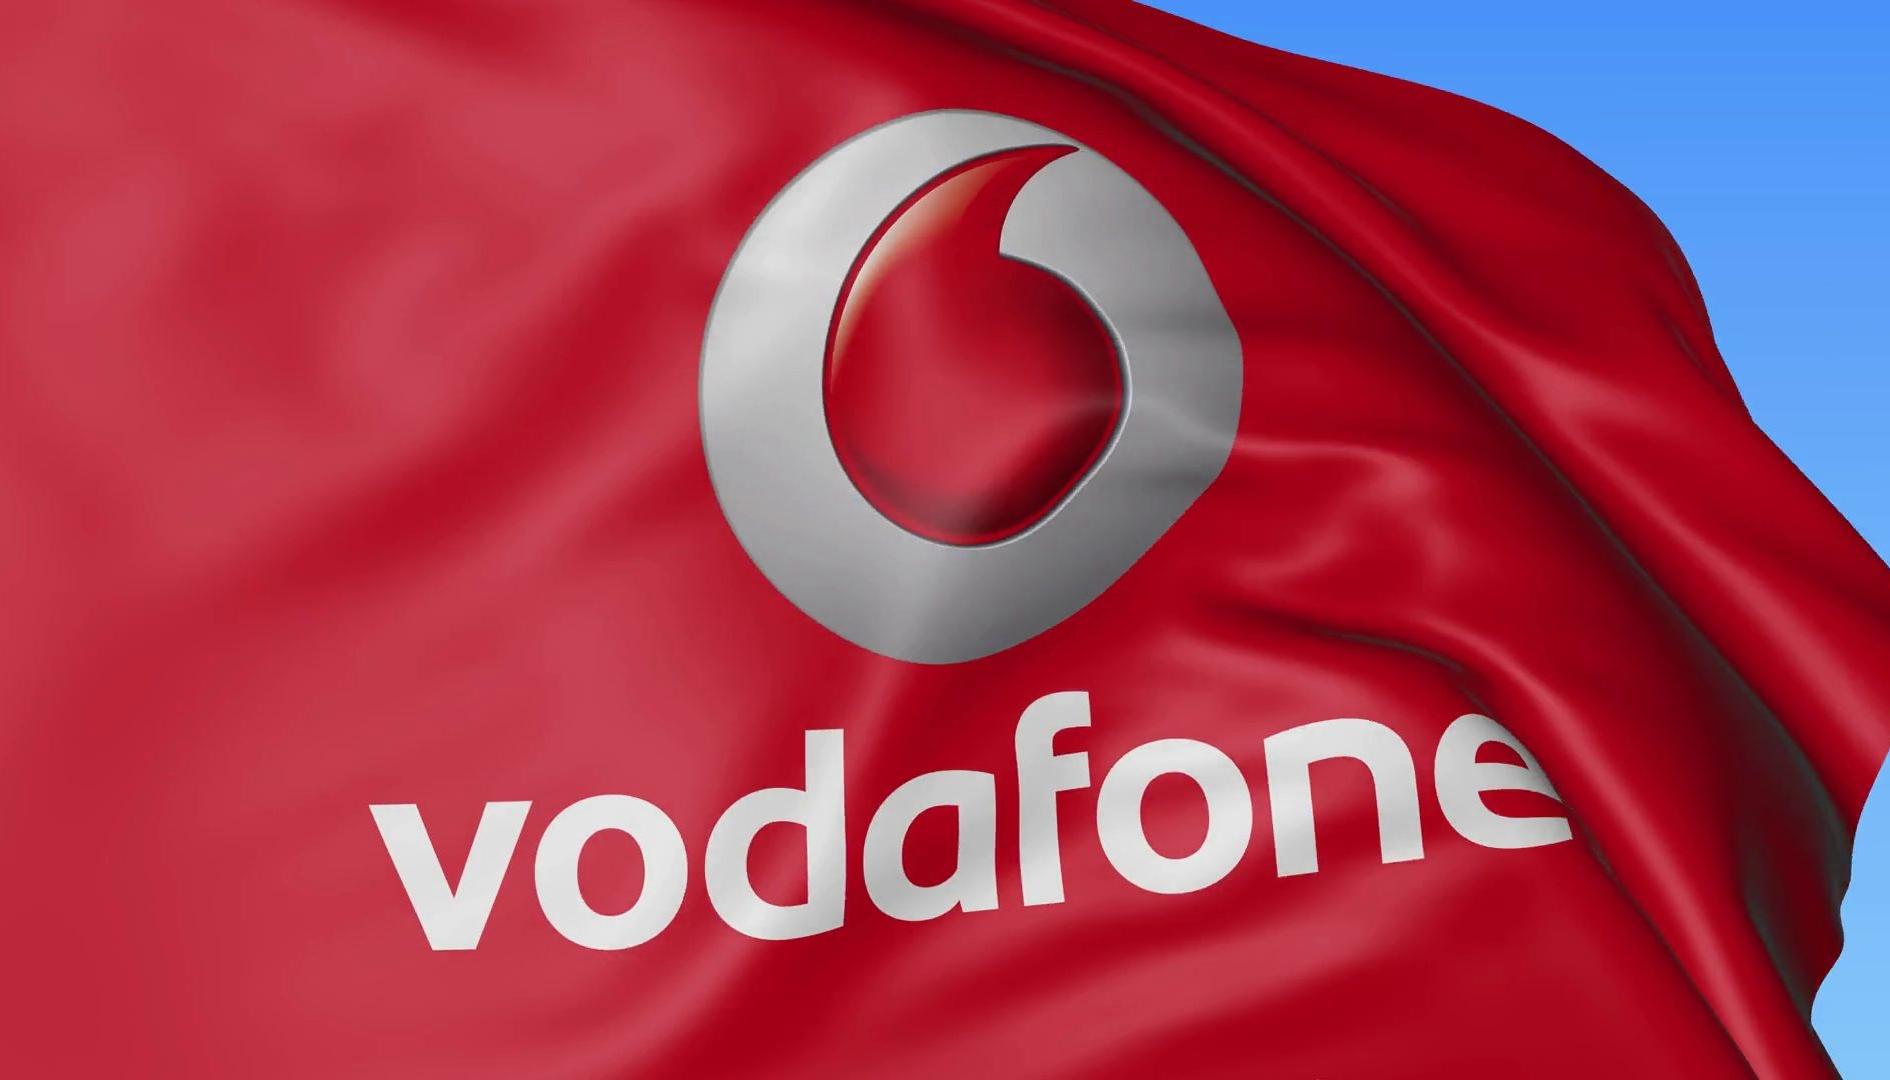 Vodafone da oggi rimodulazioni con aumenti fino a 4,98 euro